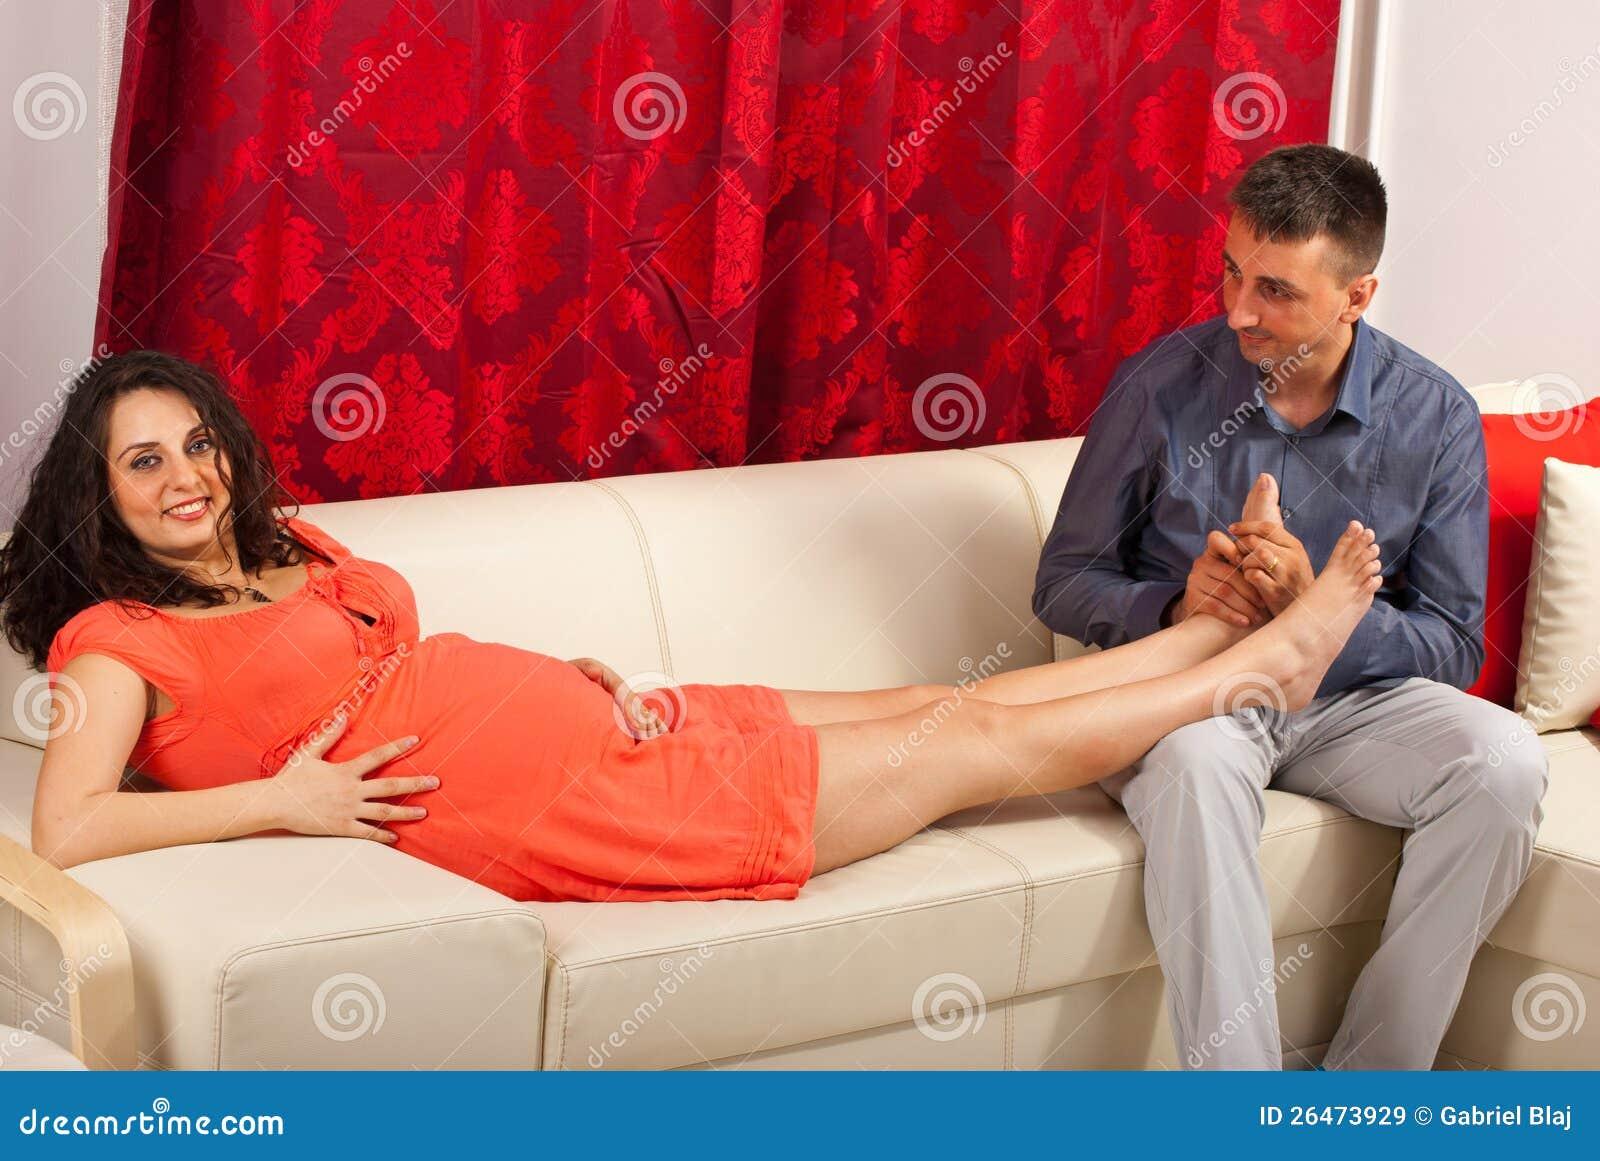 Супруги пришли на массаж 4 фотография